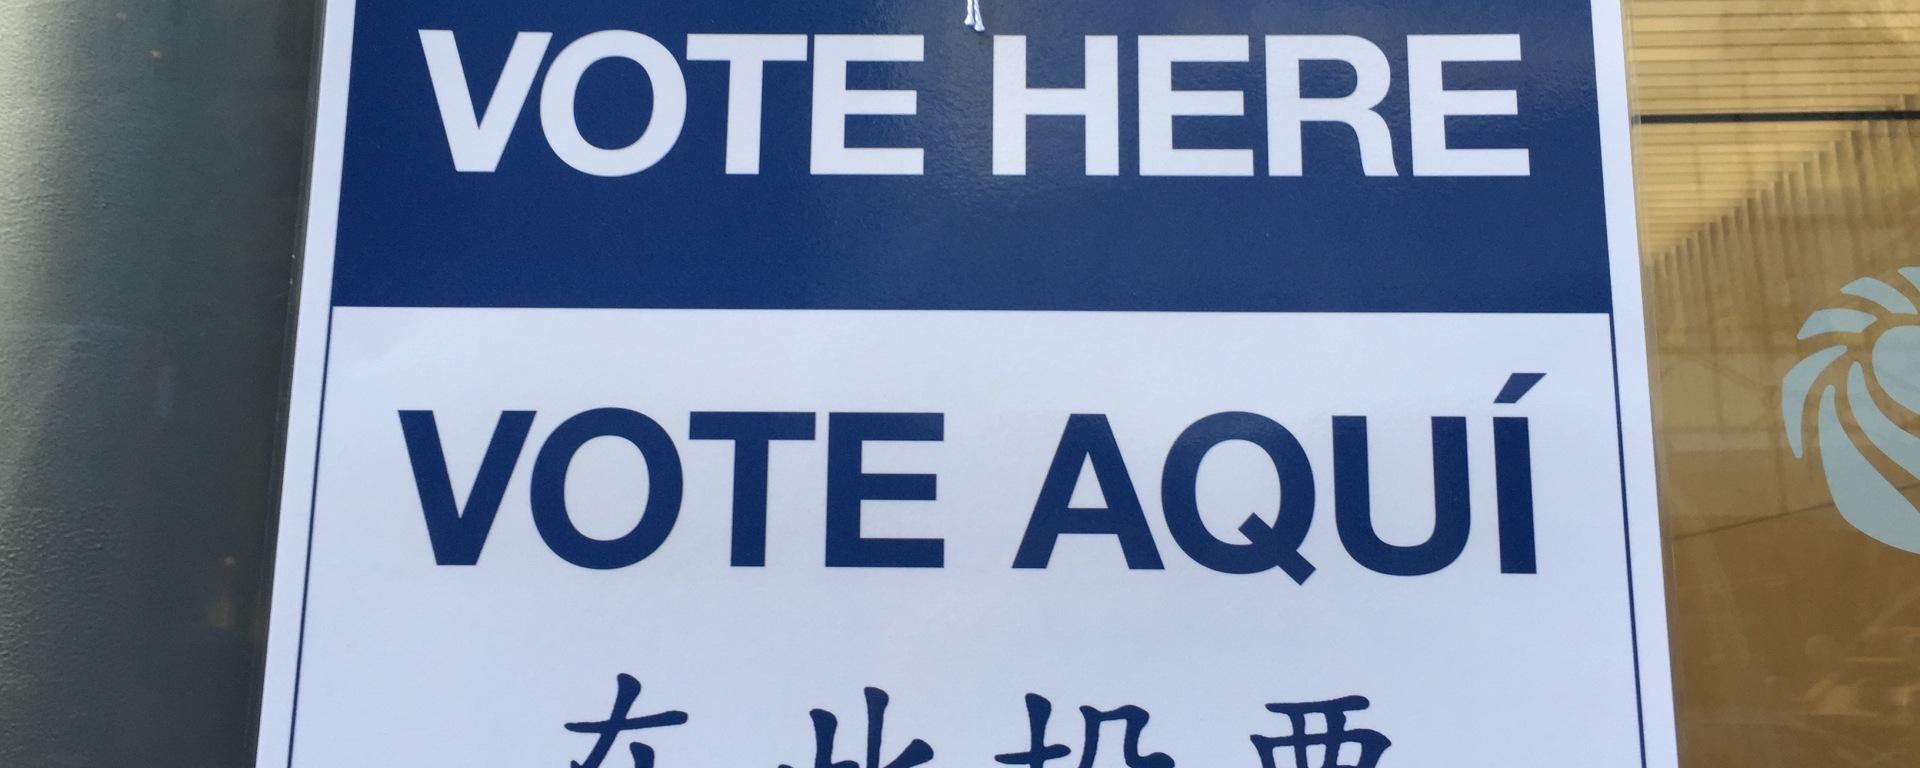 アメリカ中間選挙で堂々と行われる驚くべき組織的投票妨害 Incredible ...